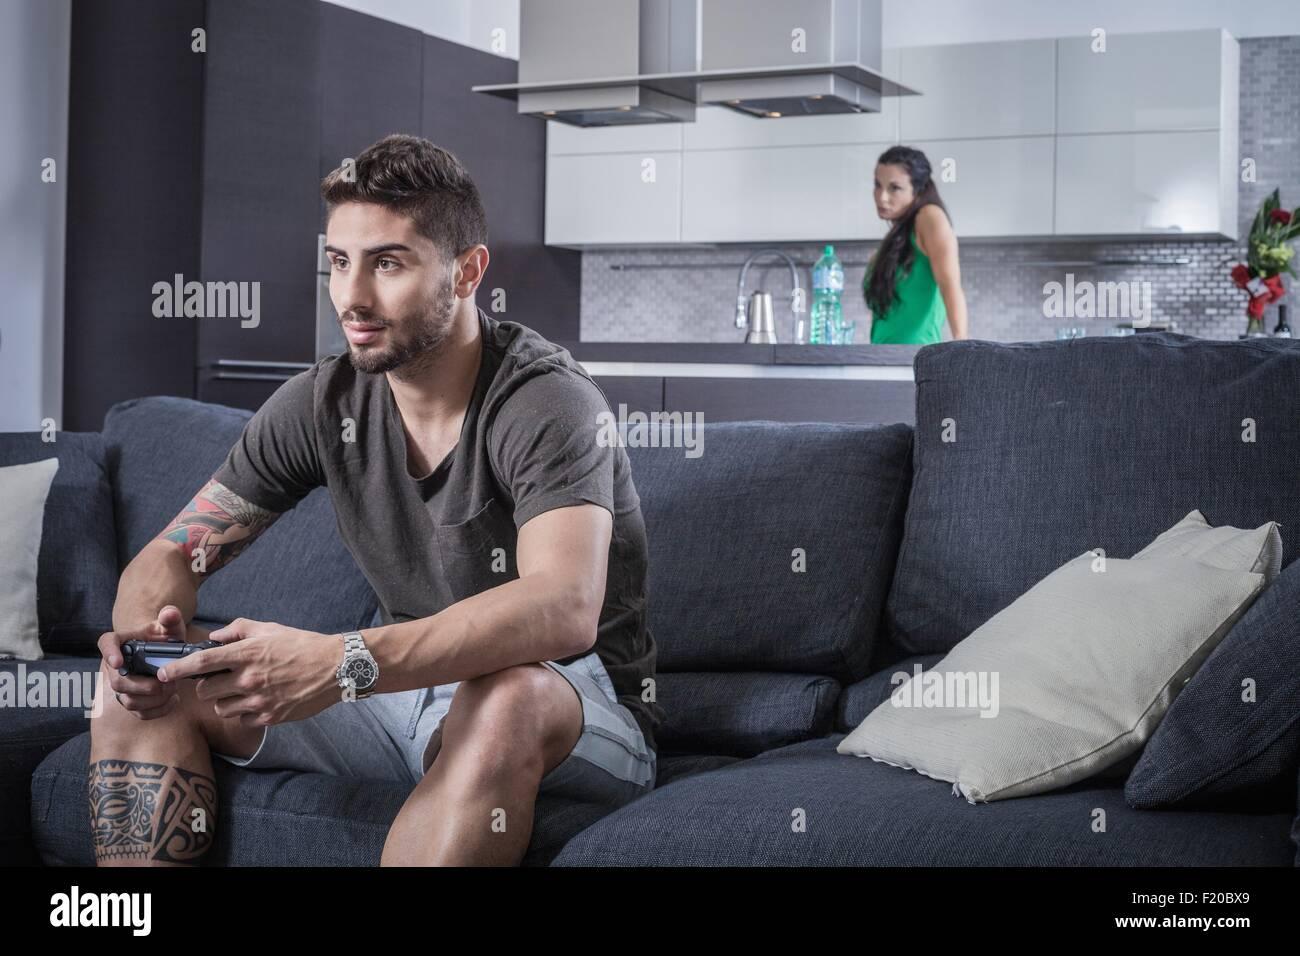 Giovane uomo sul divano utilizzando il controllo di gioco guardato da arrabbiato ragazza Immagini Stock